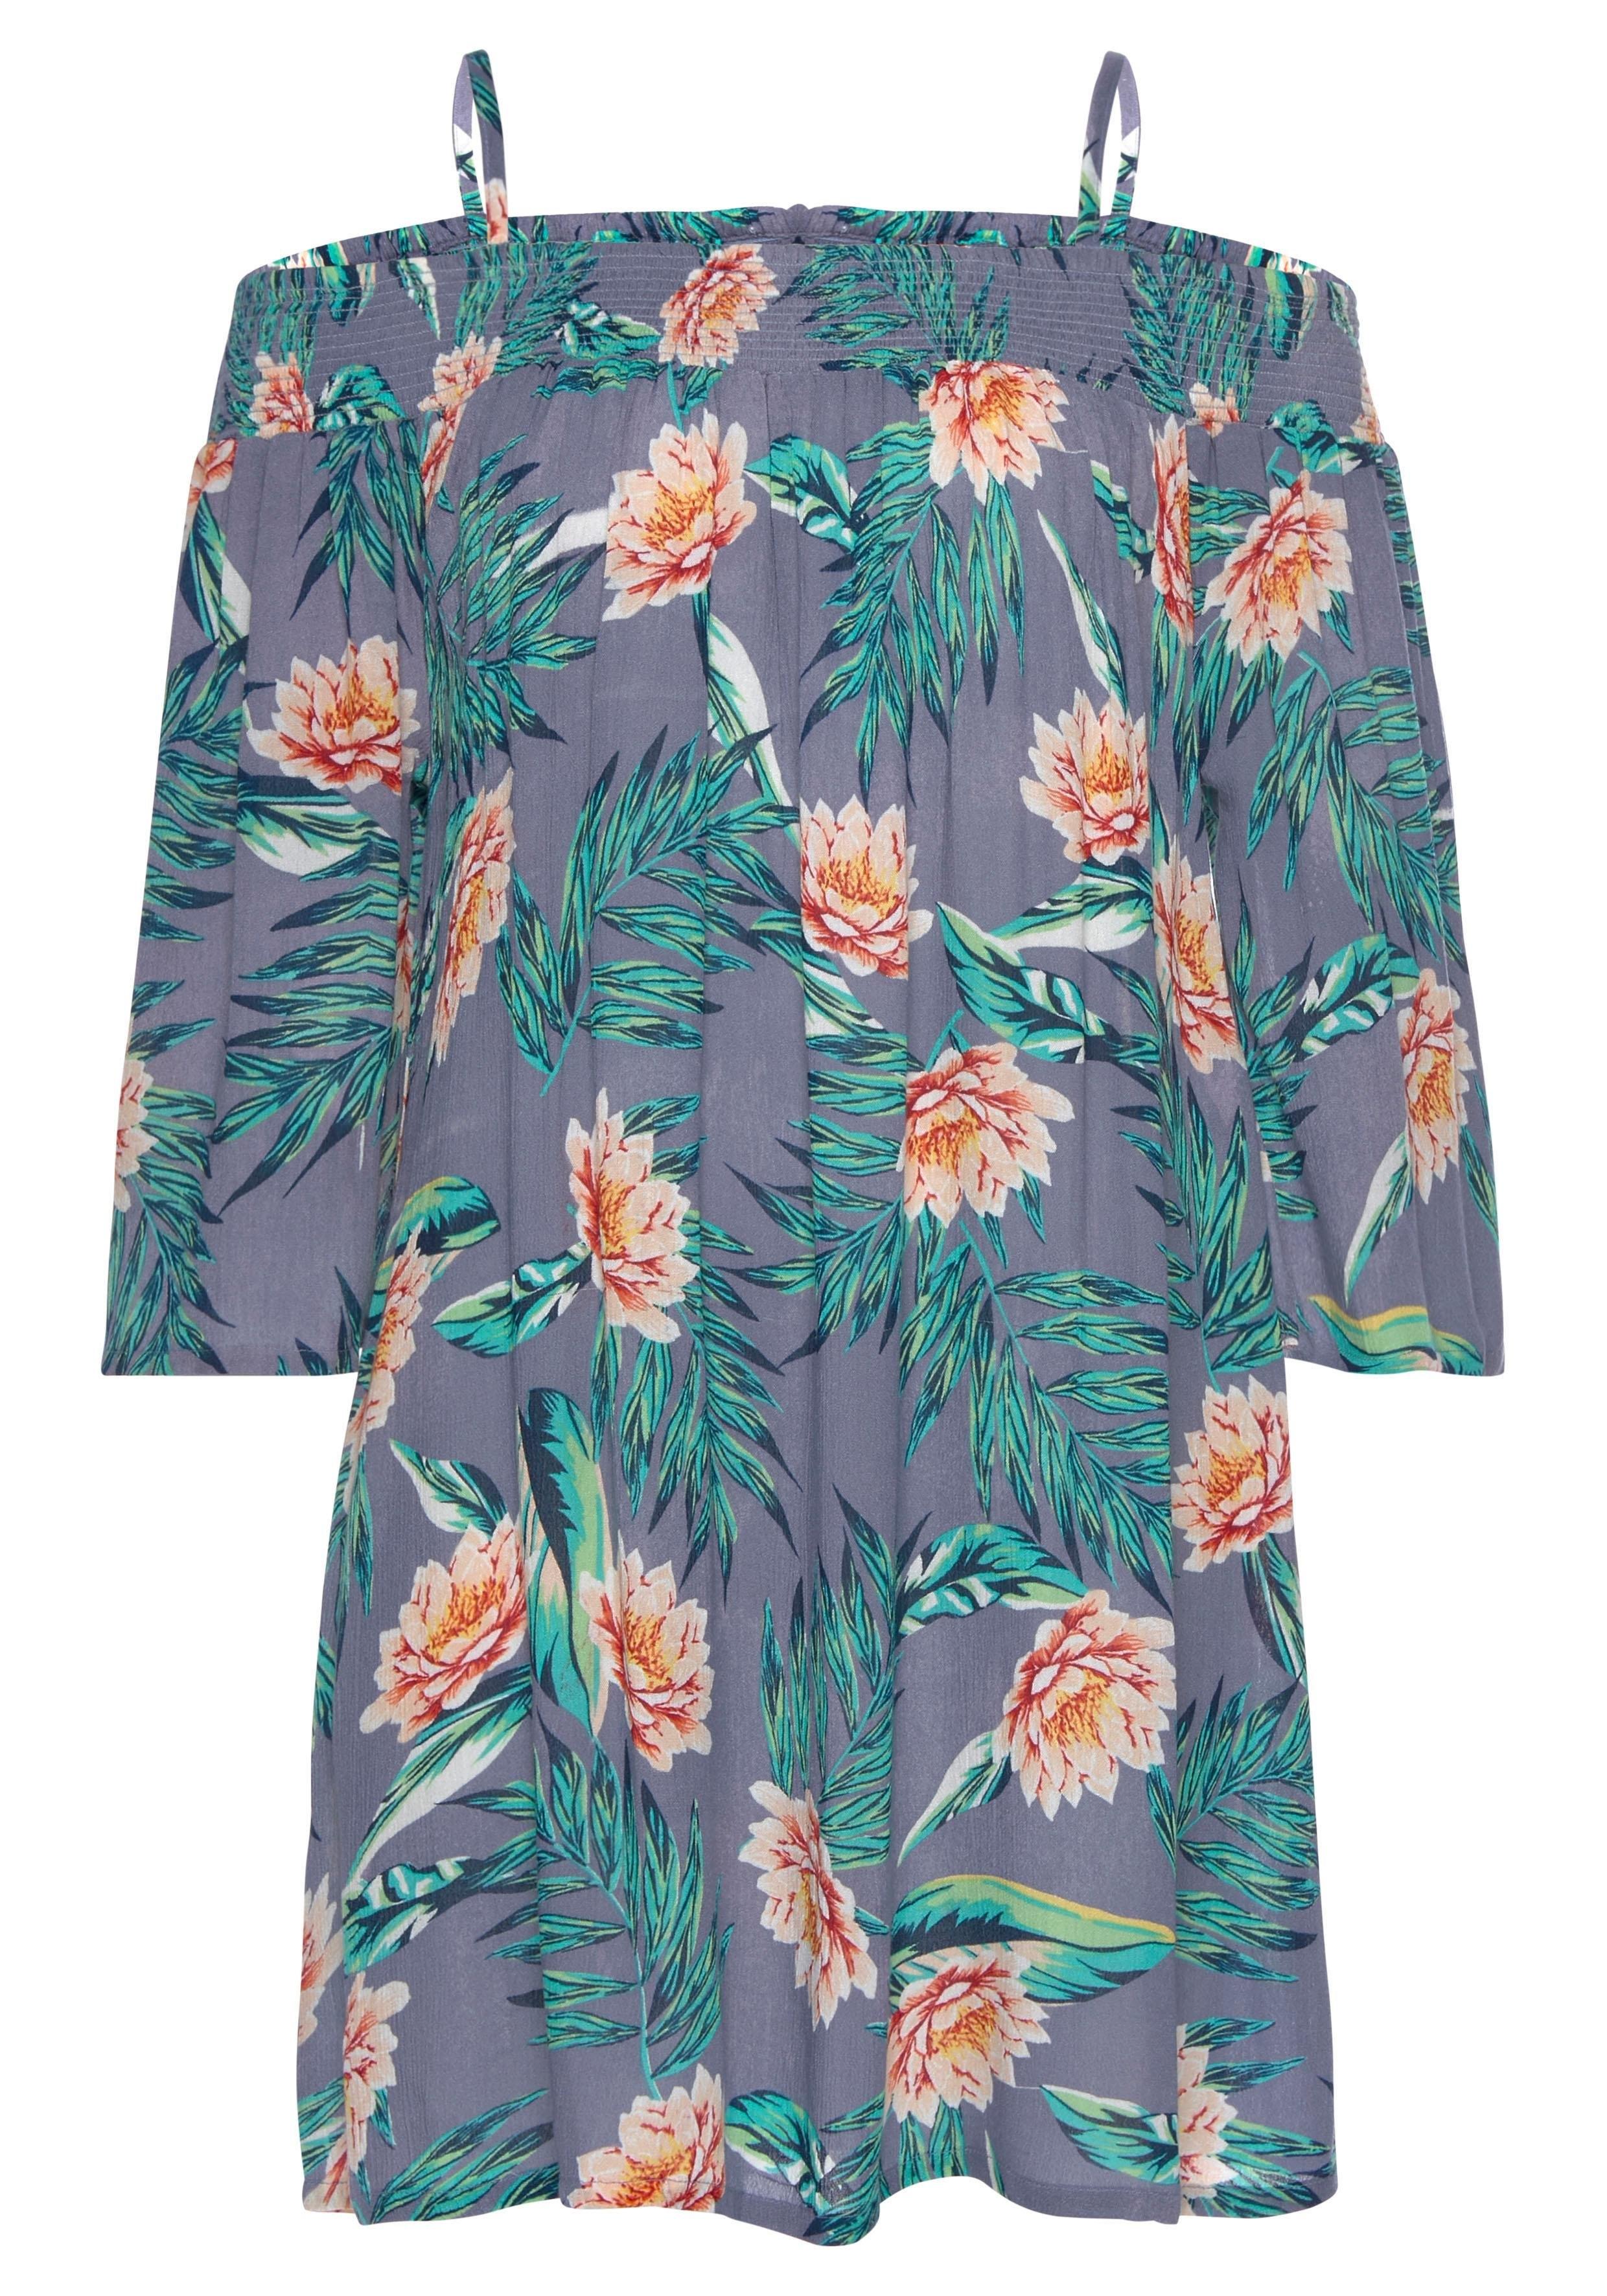 Op zoek naar een s.Oliver RED LABEL Beachwear s.Oliver Beachwear strandjurk? Koop online bij OTTO